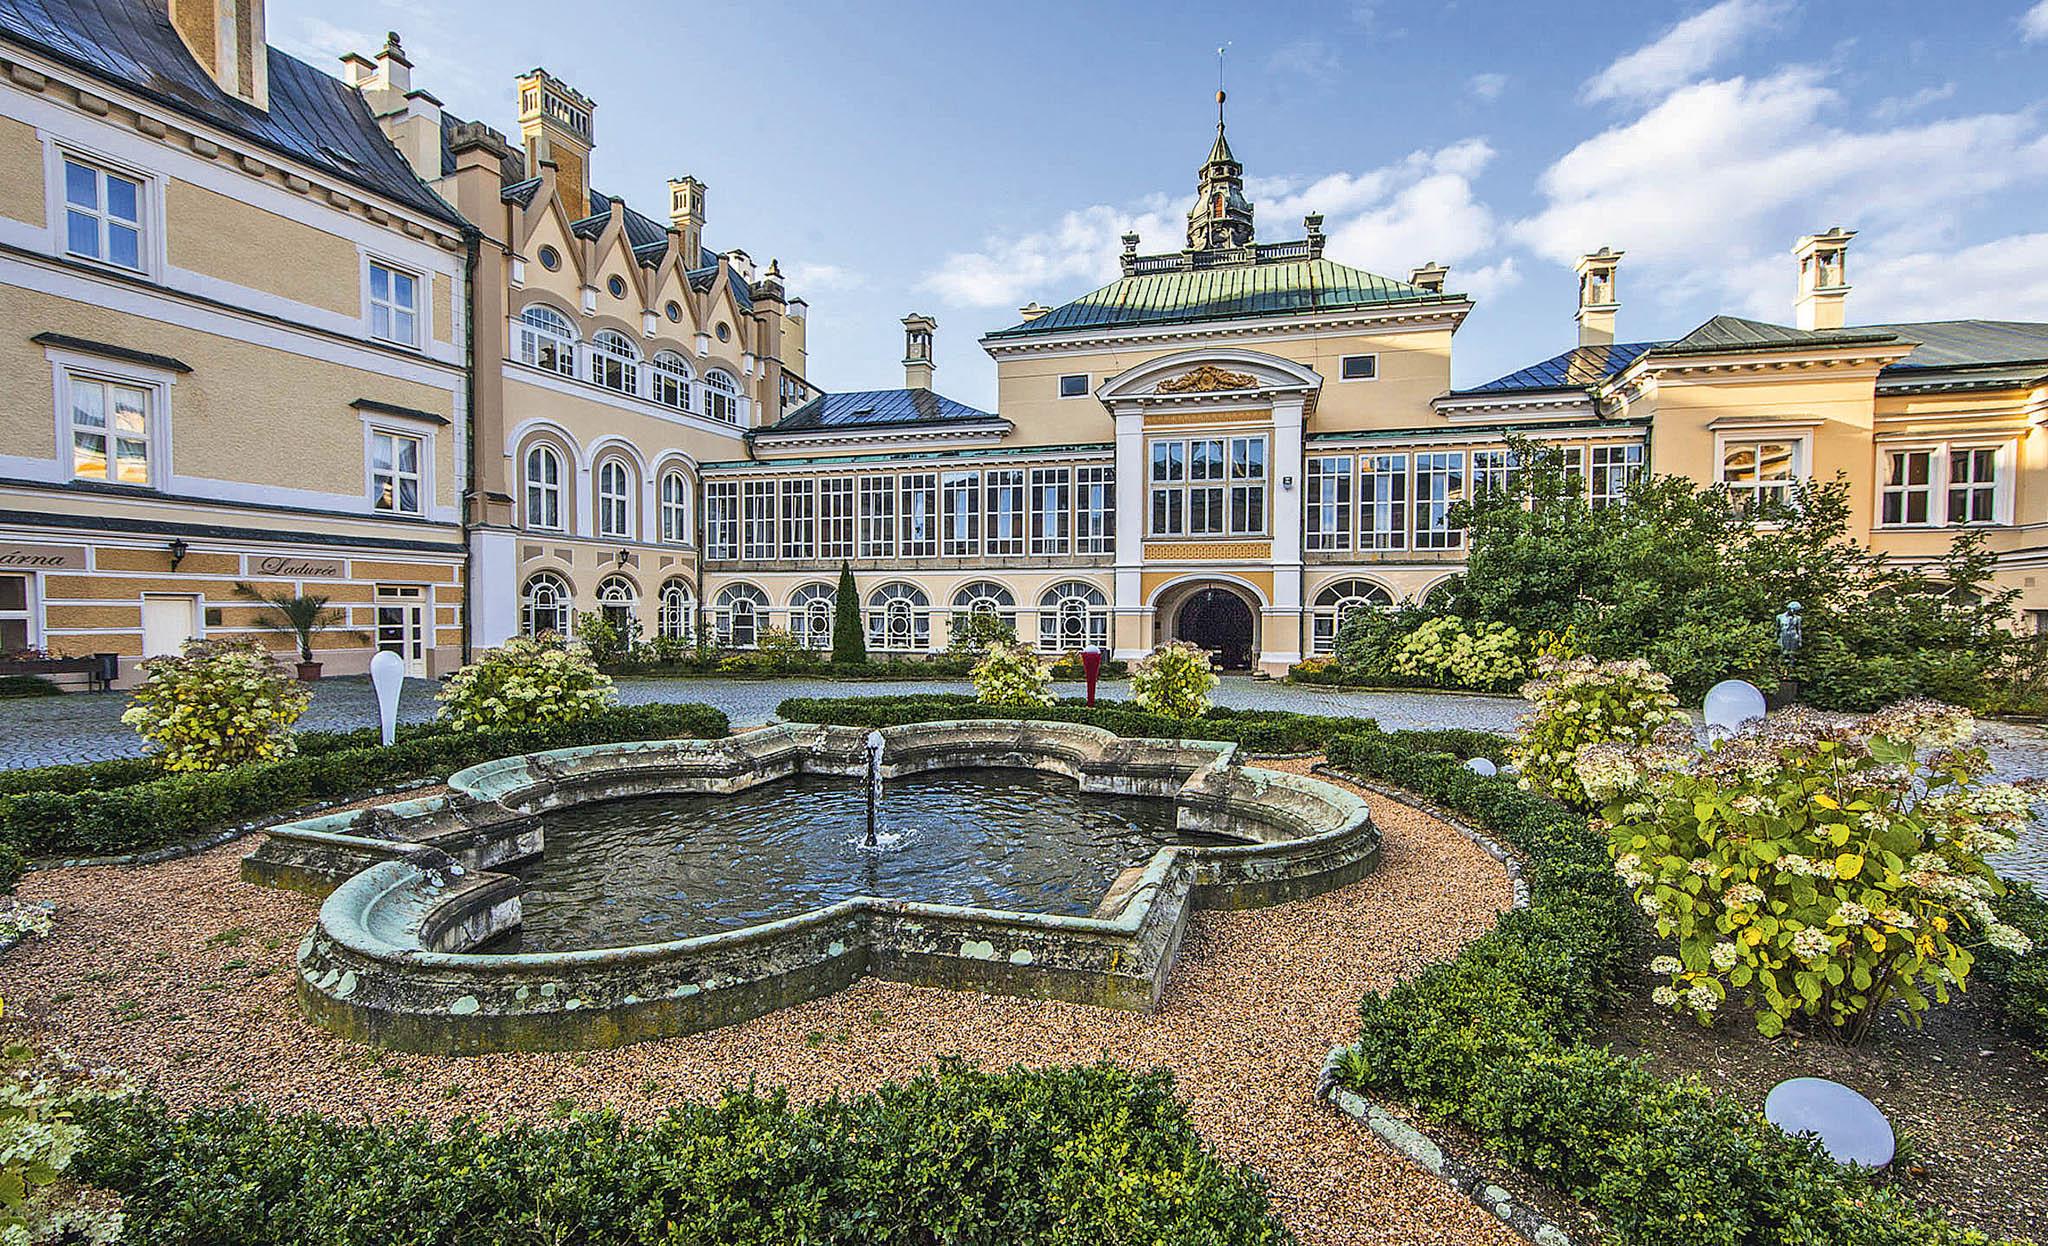 Renesančně-barokní zámek Stružná na Karlovarsku i zámecký komplex ve Světlé nad Sázavou v okrese Havlíčkův Brod své nové majitele teprve vyhlížejí.